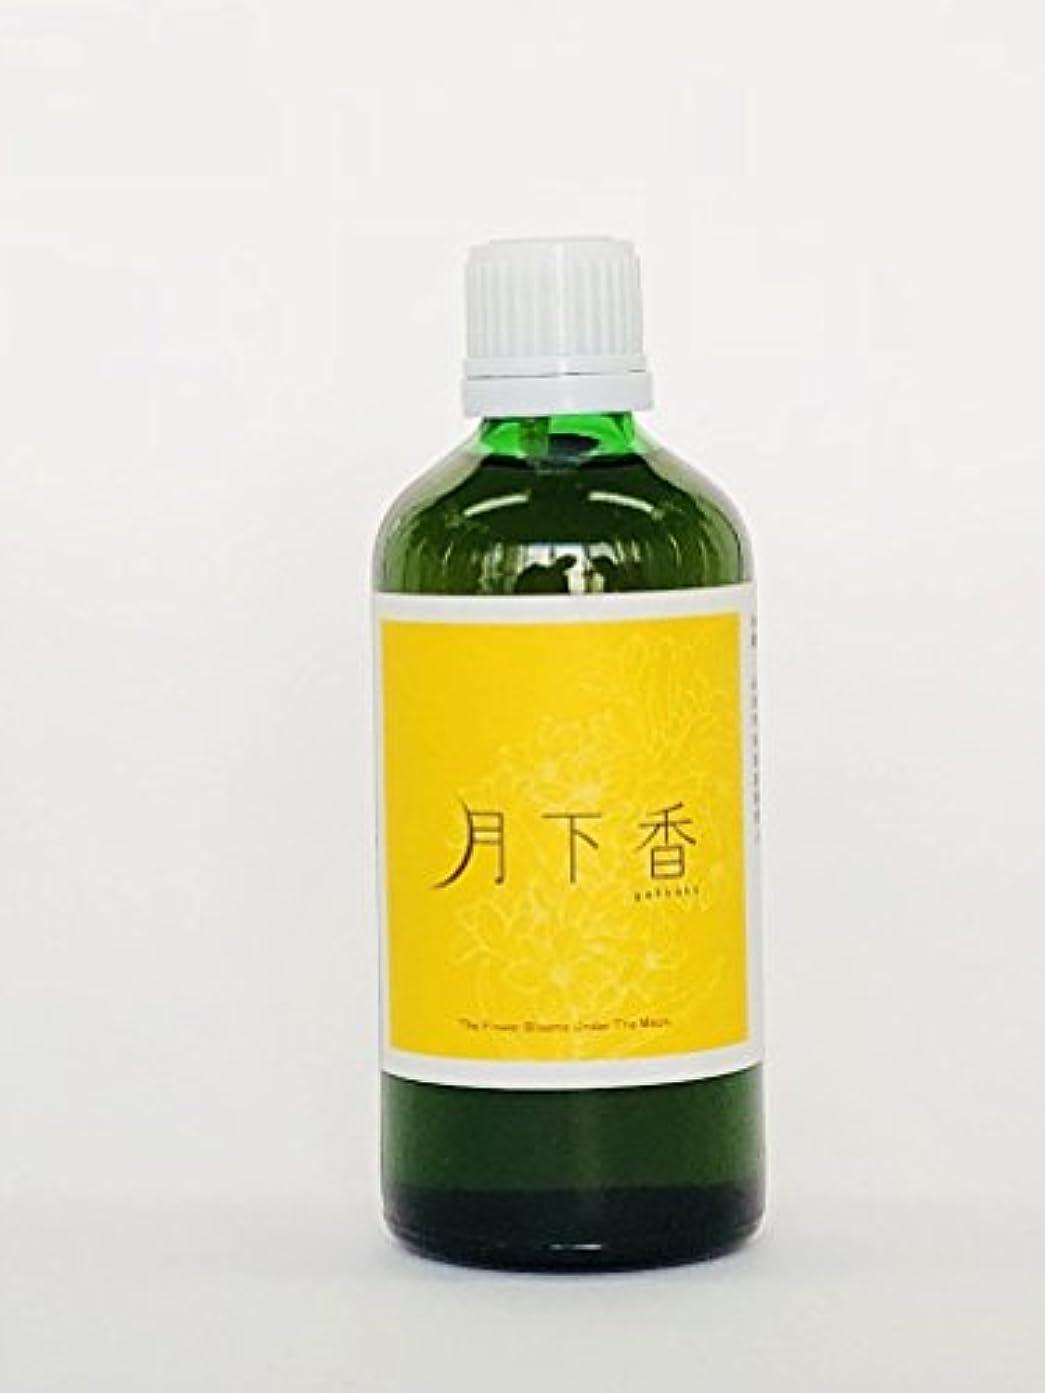 カップ手足エアコン<月下香>エッセンシャルオイル/アロマ/マージョラム【100ml】 (100ml)